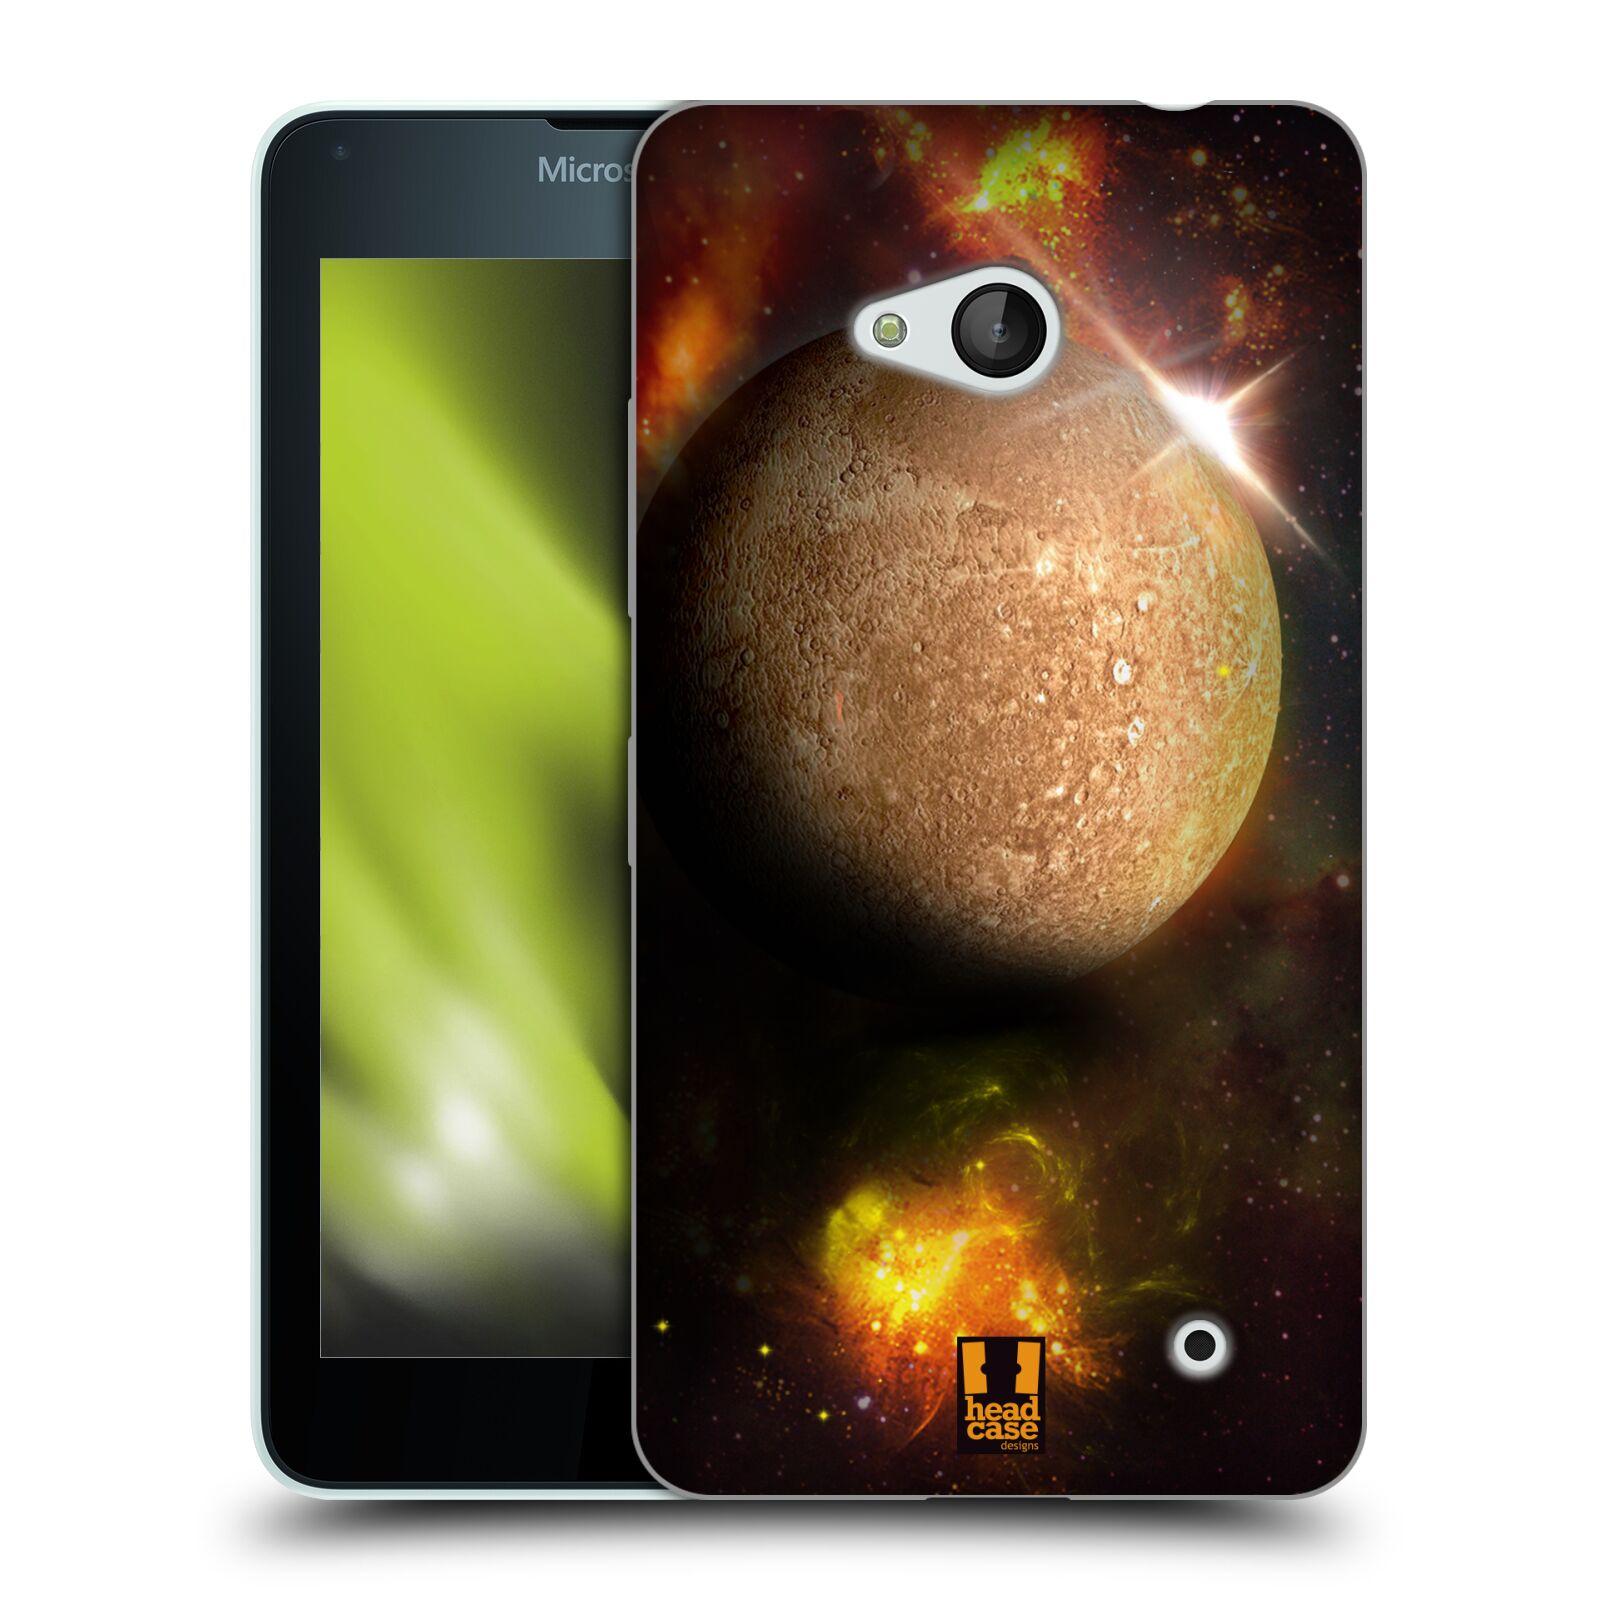 HEAD CASE silikonový obal na mobil Microsoft / Nokia Lumia 640 / Lumia 640 DUAL vzor Vesmírná krása MERKUR PLANETA